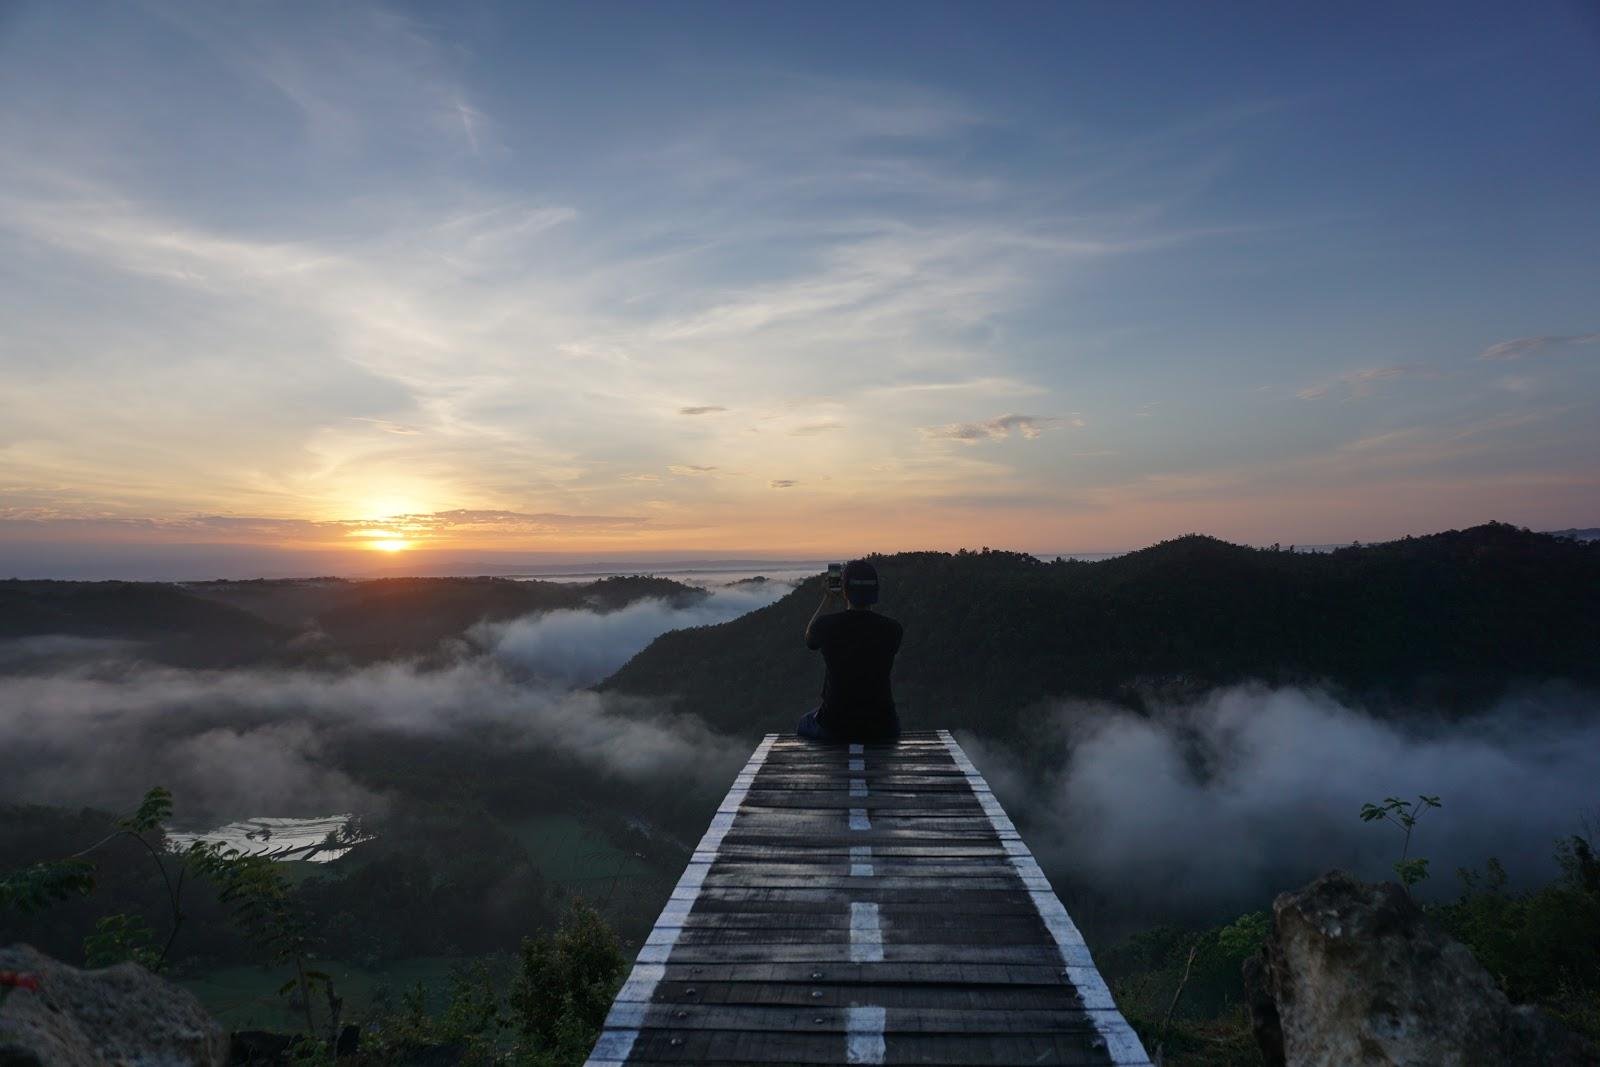 14 Tempat Sempurna Untuk Menangkap Cantiknya Sunrise dan Sunset di Yogyakarta